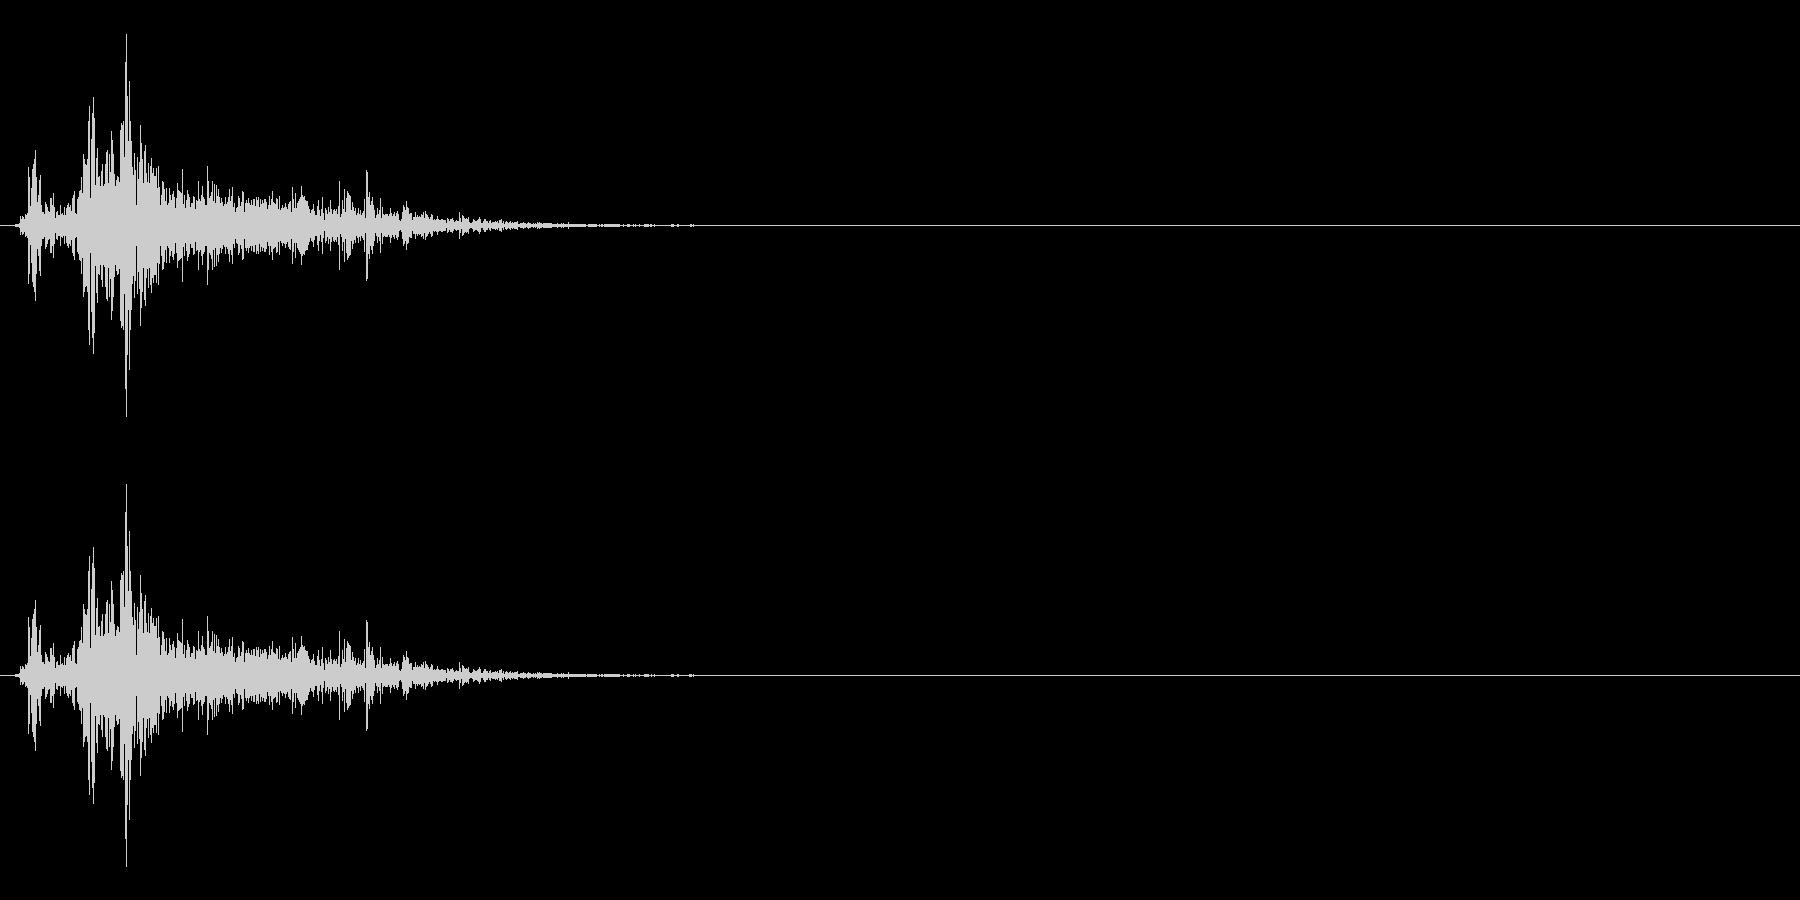 ドサッ(人が倒れる音)07の未再生の波形